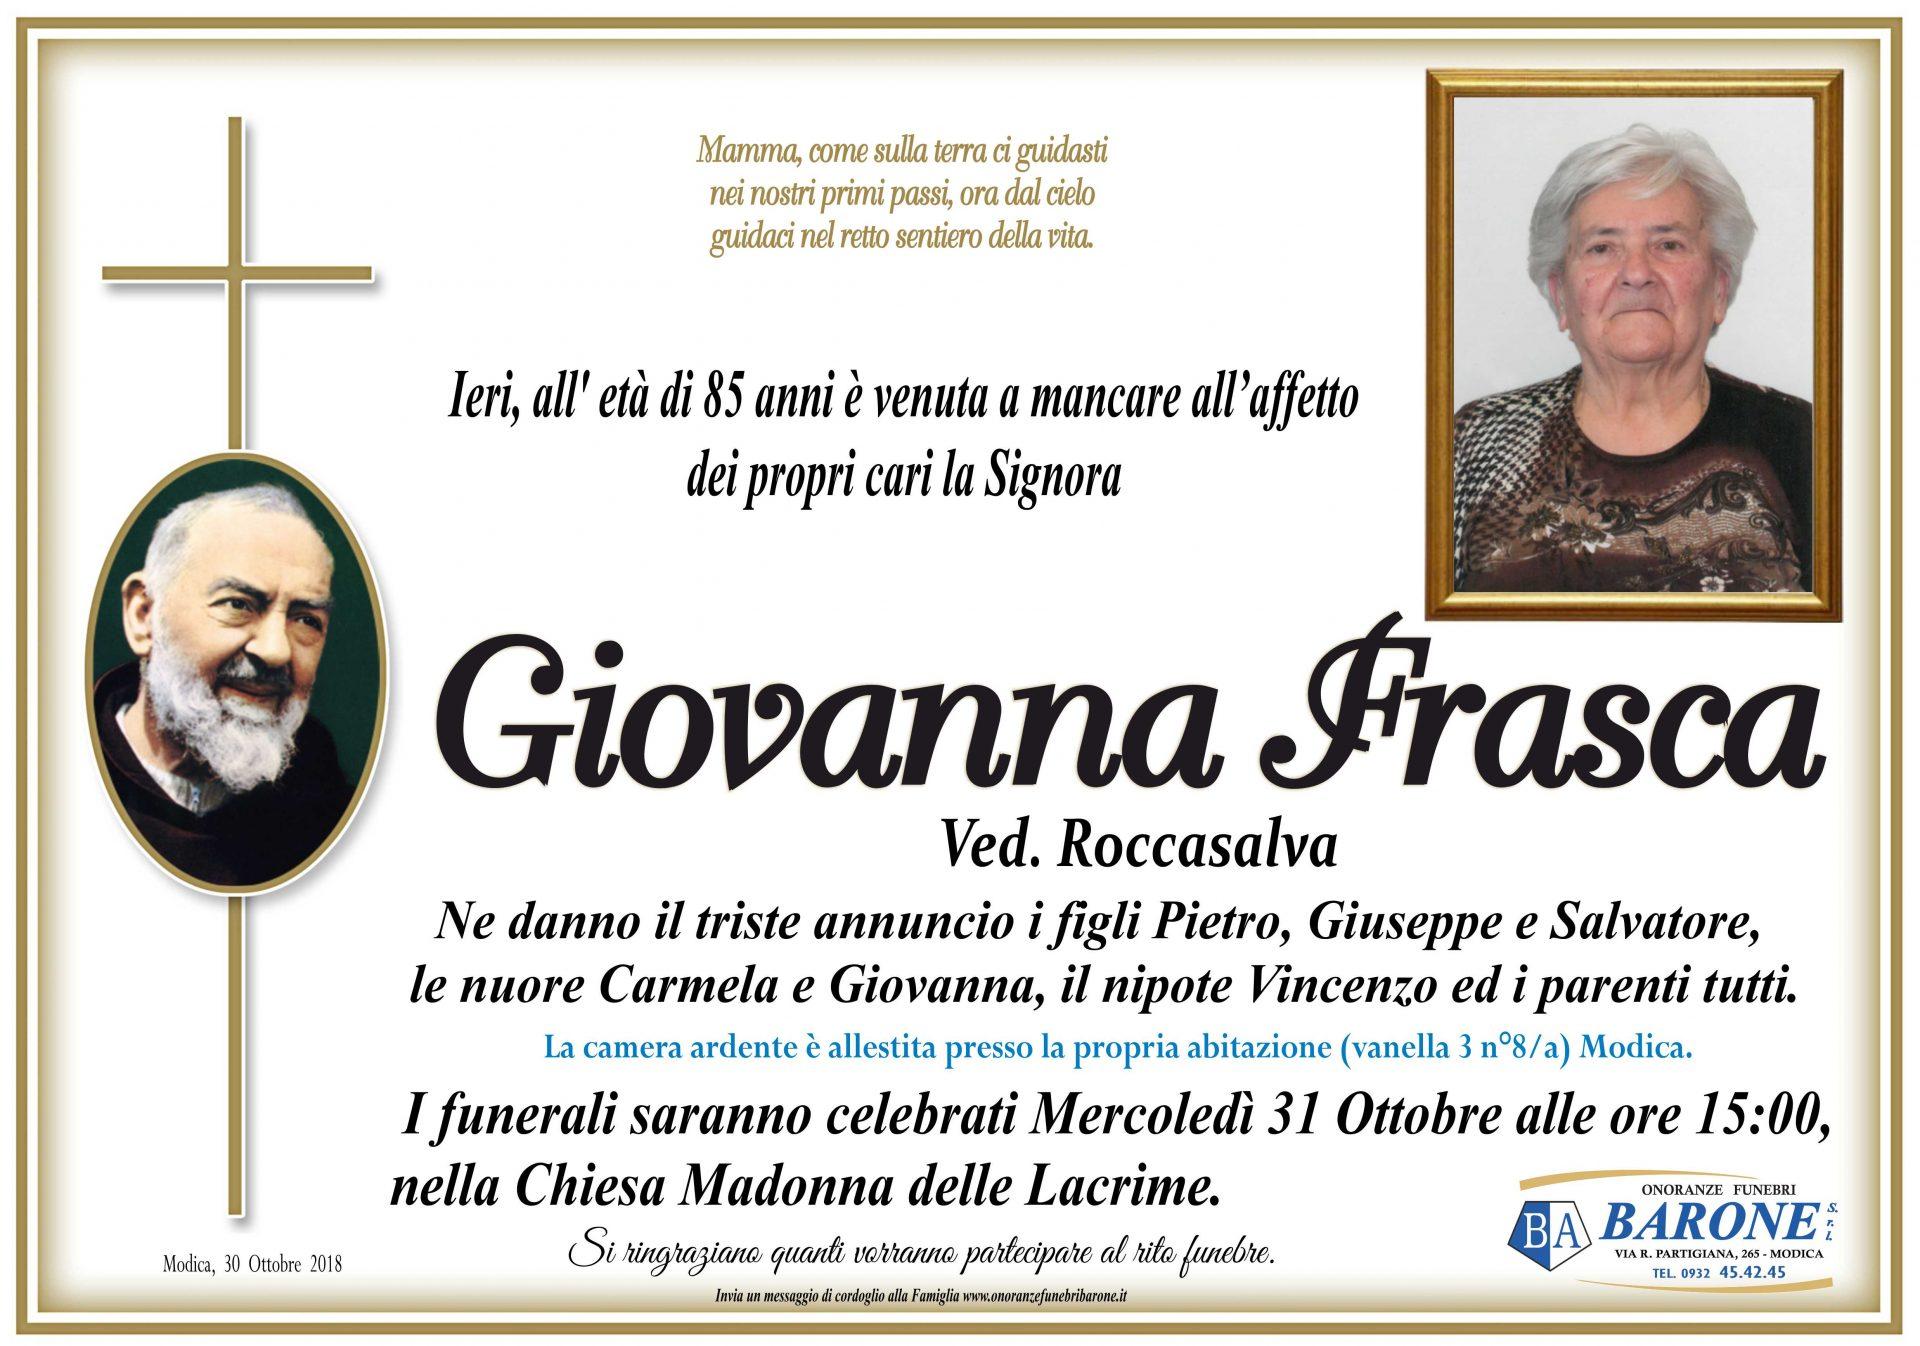 Giovanna Frasca